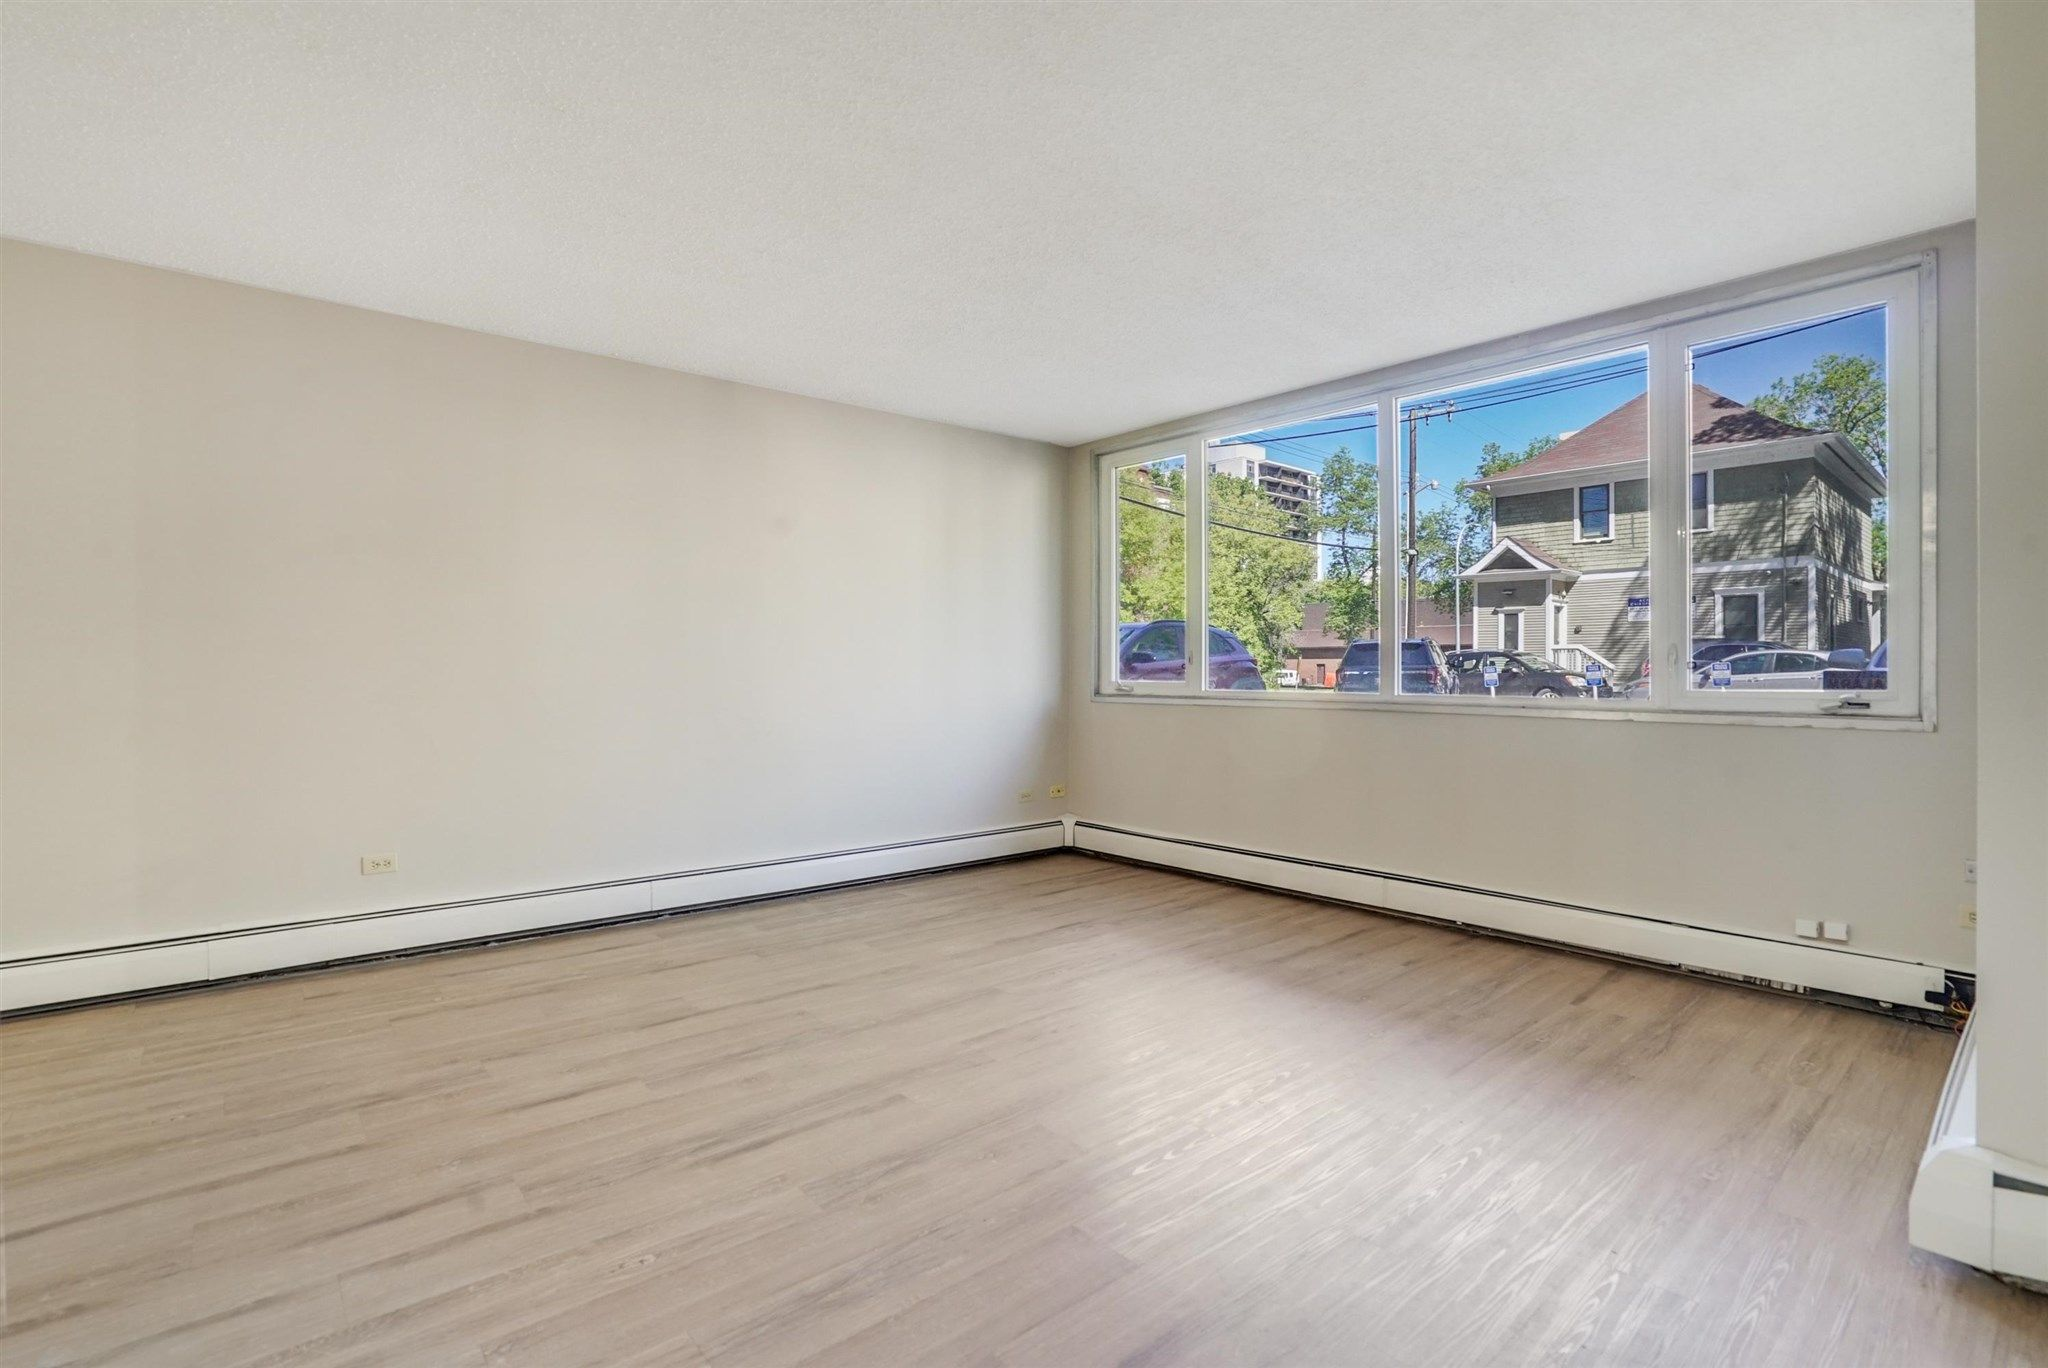 Main Photo: 102 9930 113 Street in Edmonton: Zone 12 Condo for sale : MLS®# E4250188